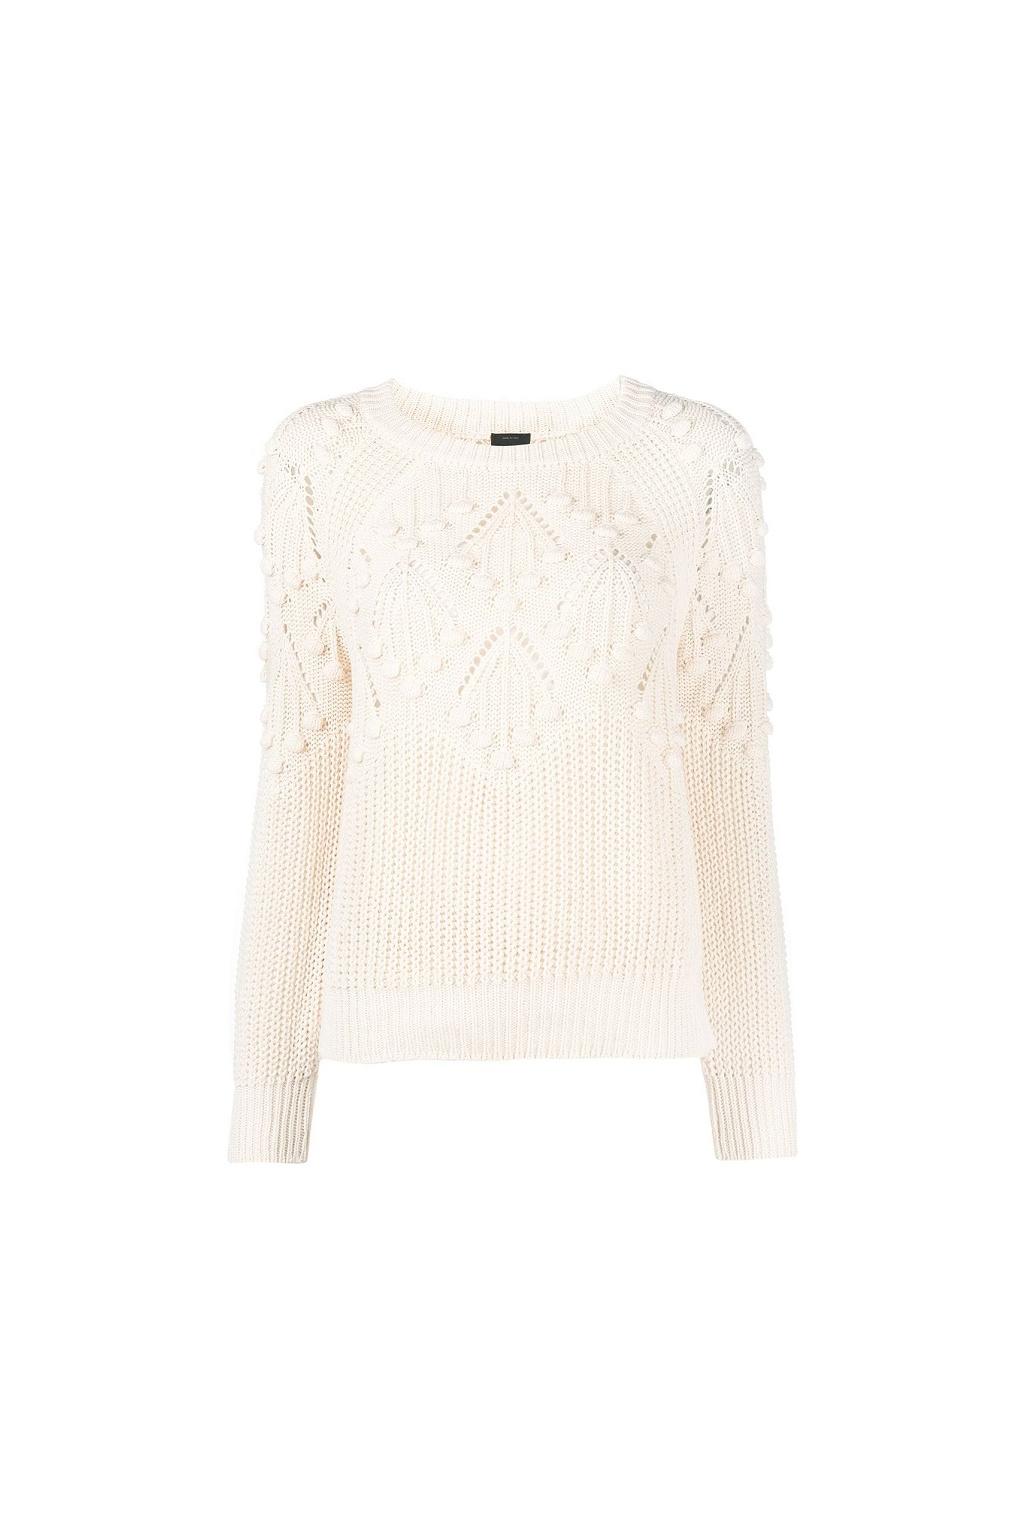 1G1601 Y71Z Z15 Dámský svetr Pinko Ingaggio bílý